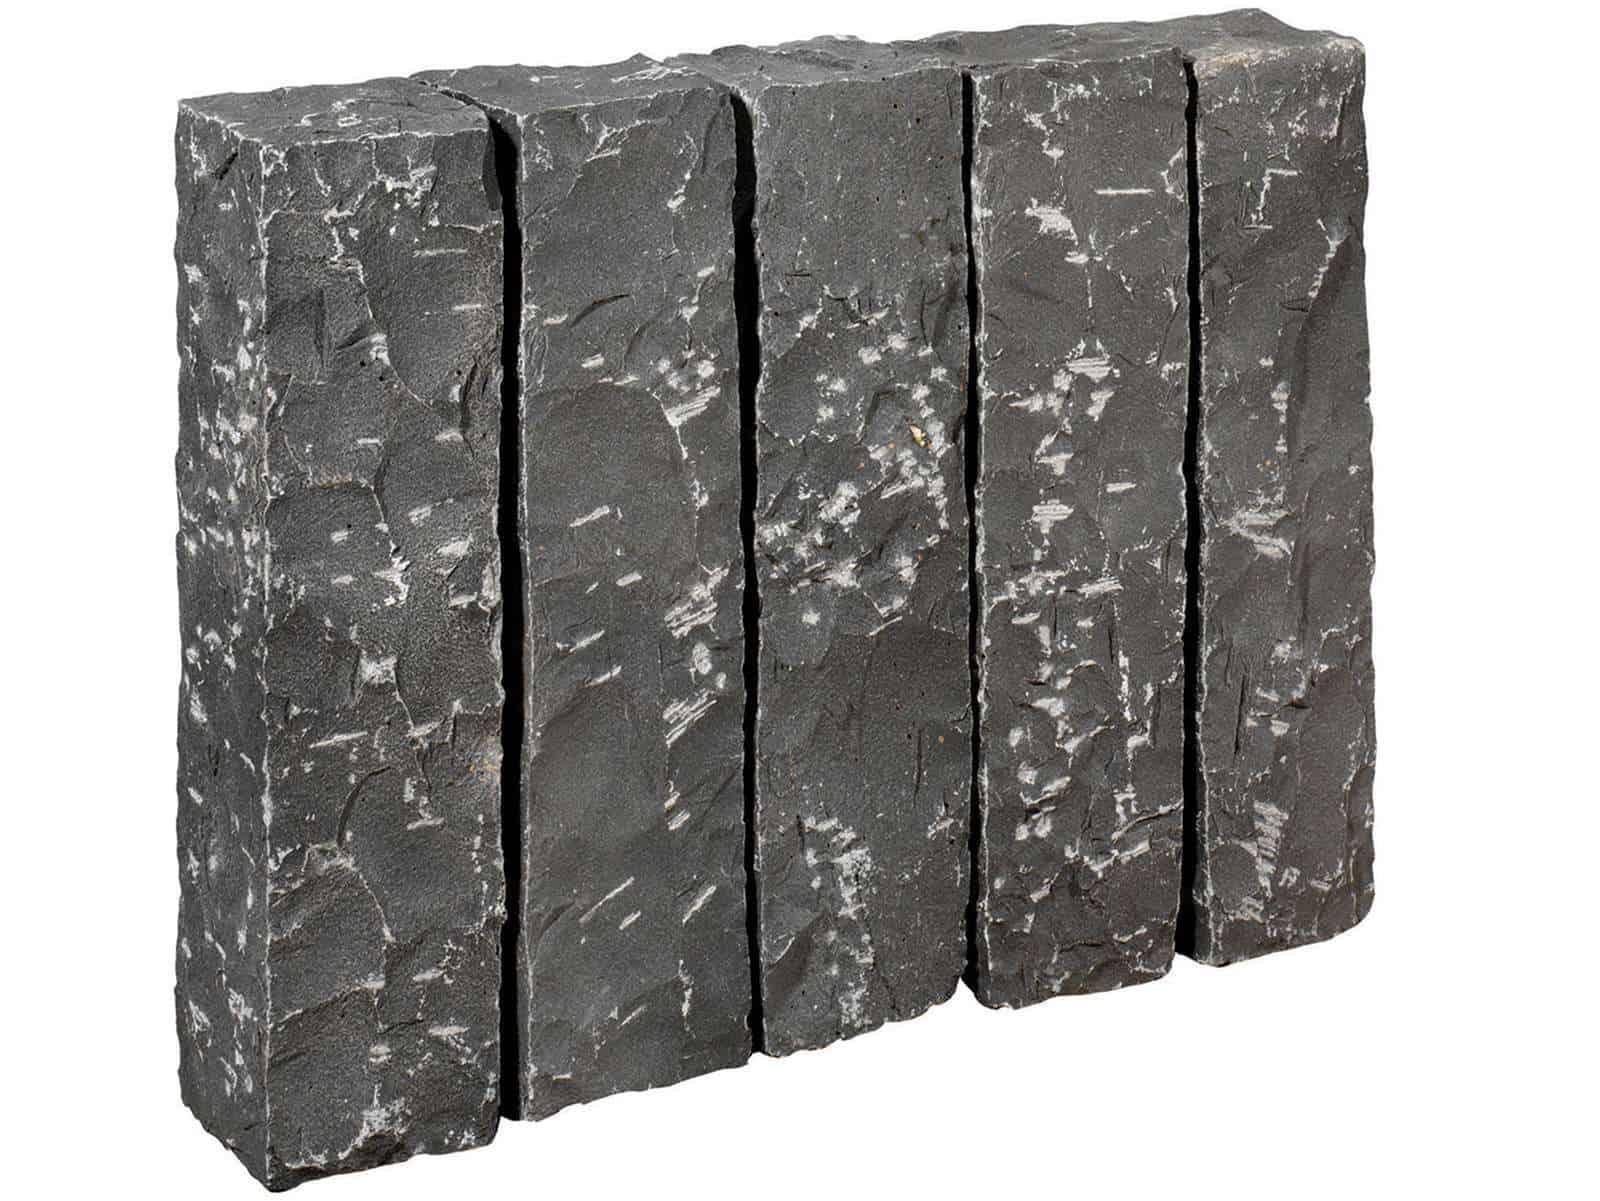 Palisade aus veitnamesischen Basalt. Die grob gestockten/gespitzten Basaltpalisaden sind handgearbeitet und dennoch relativ maflhaltig.